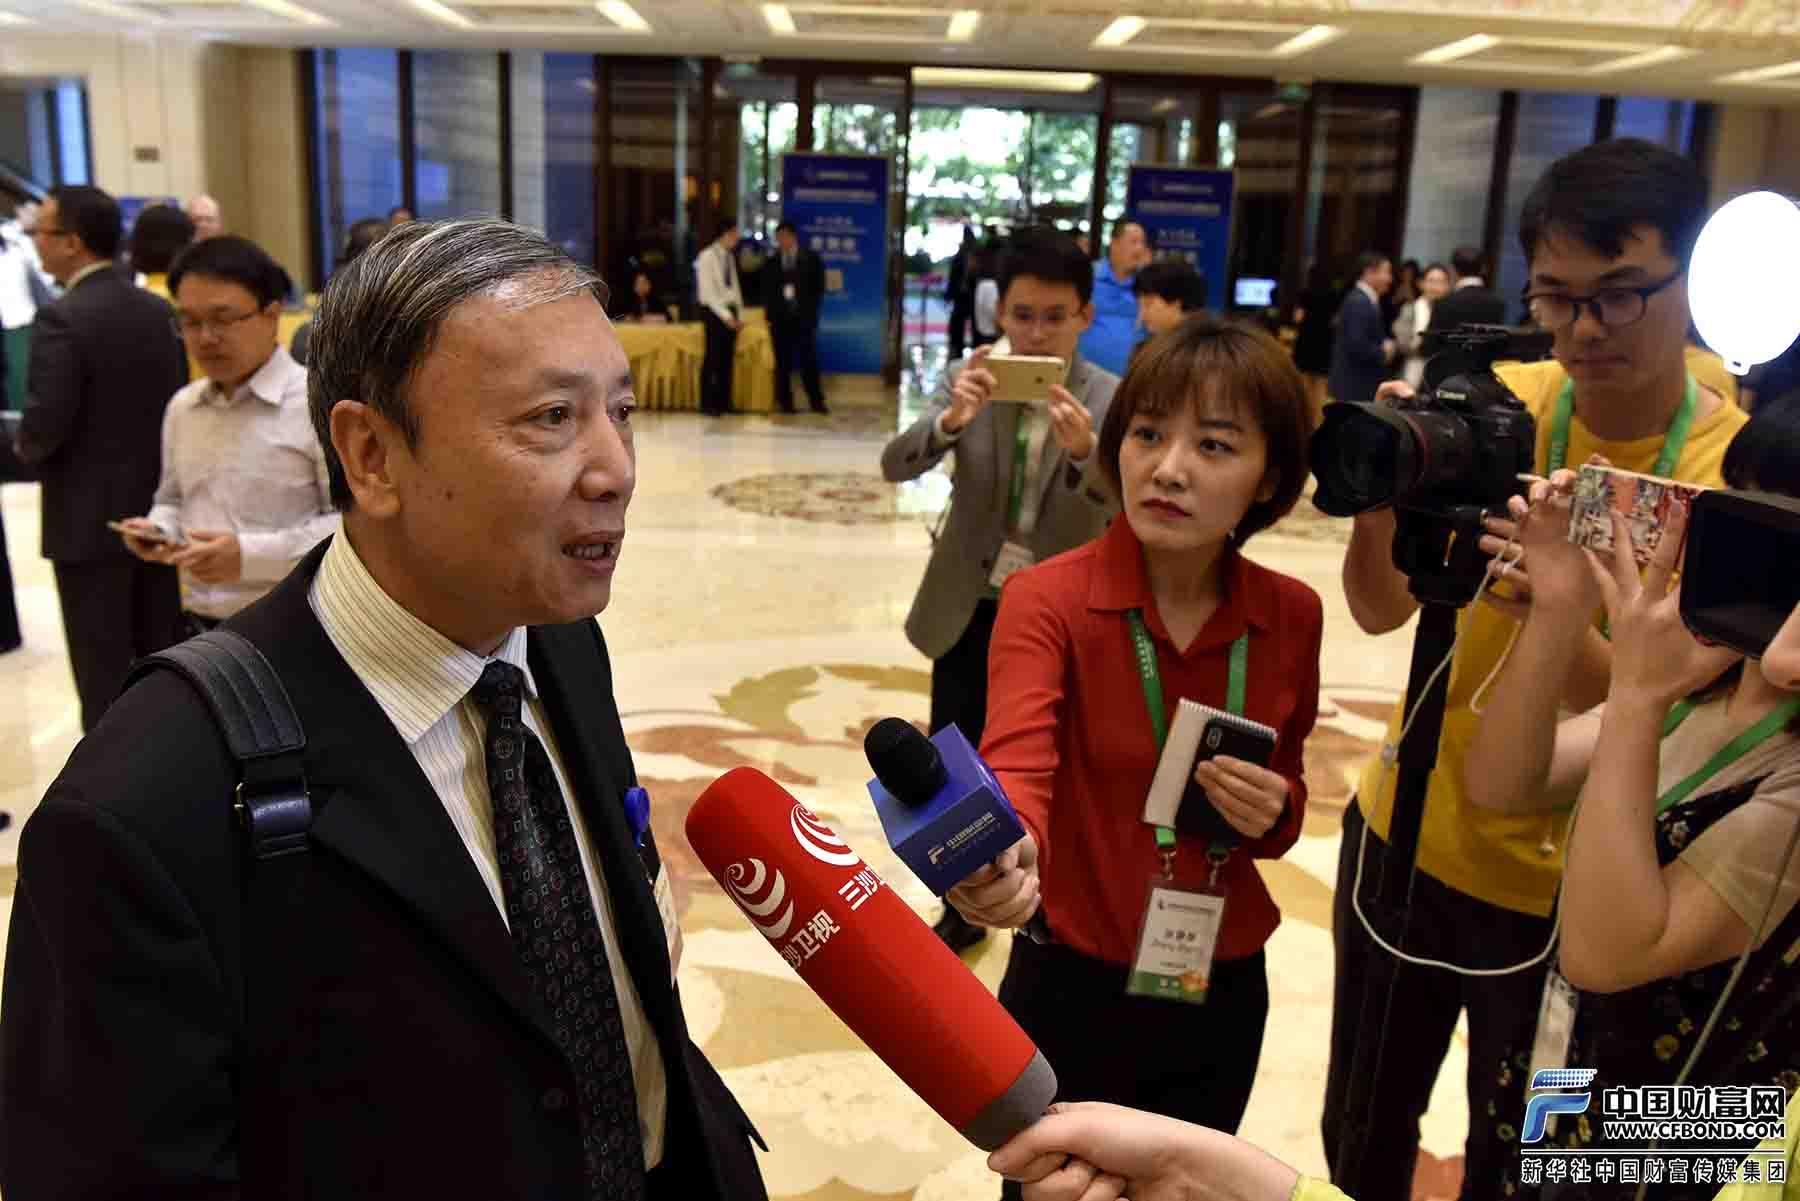 中国财富网记者采访中国社会科学院副院长蔡昉